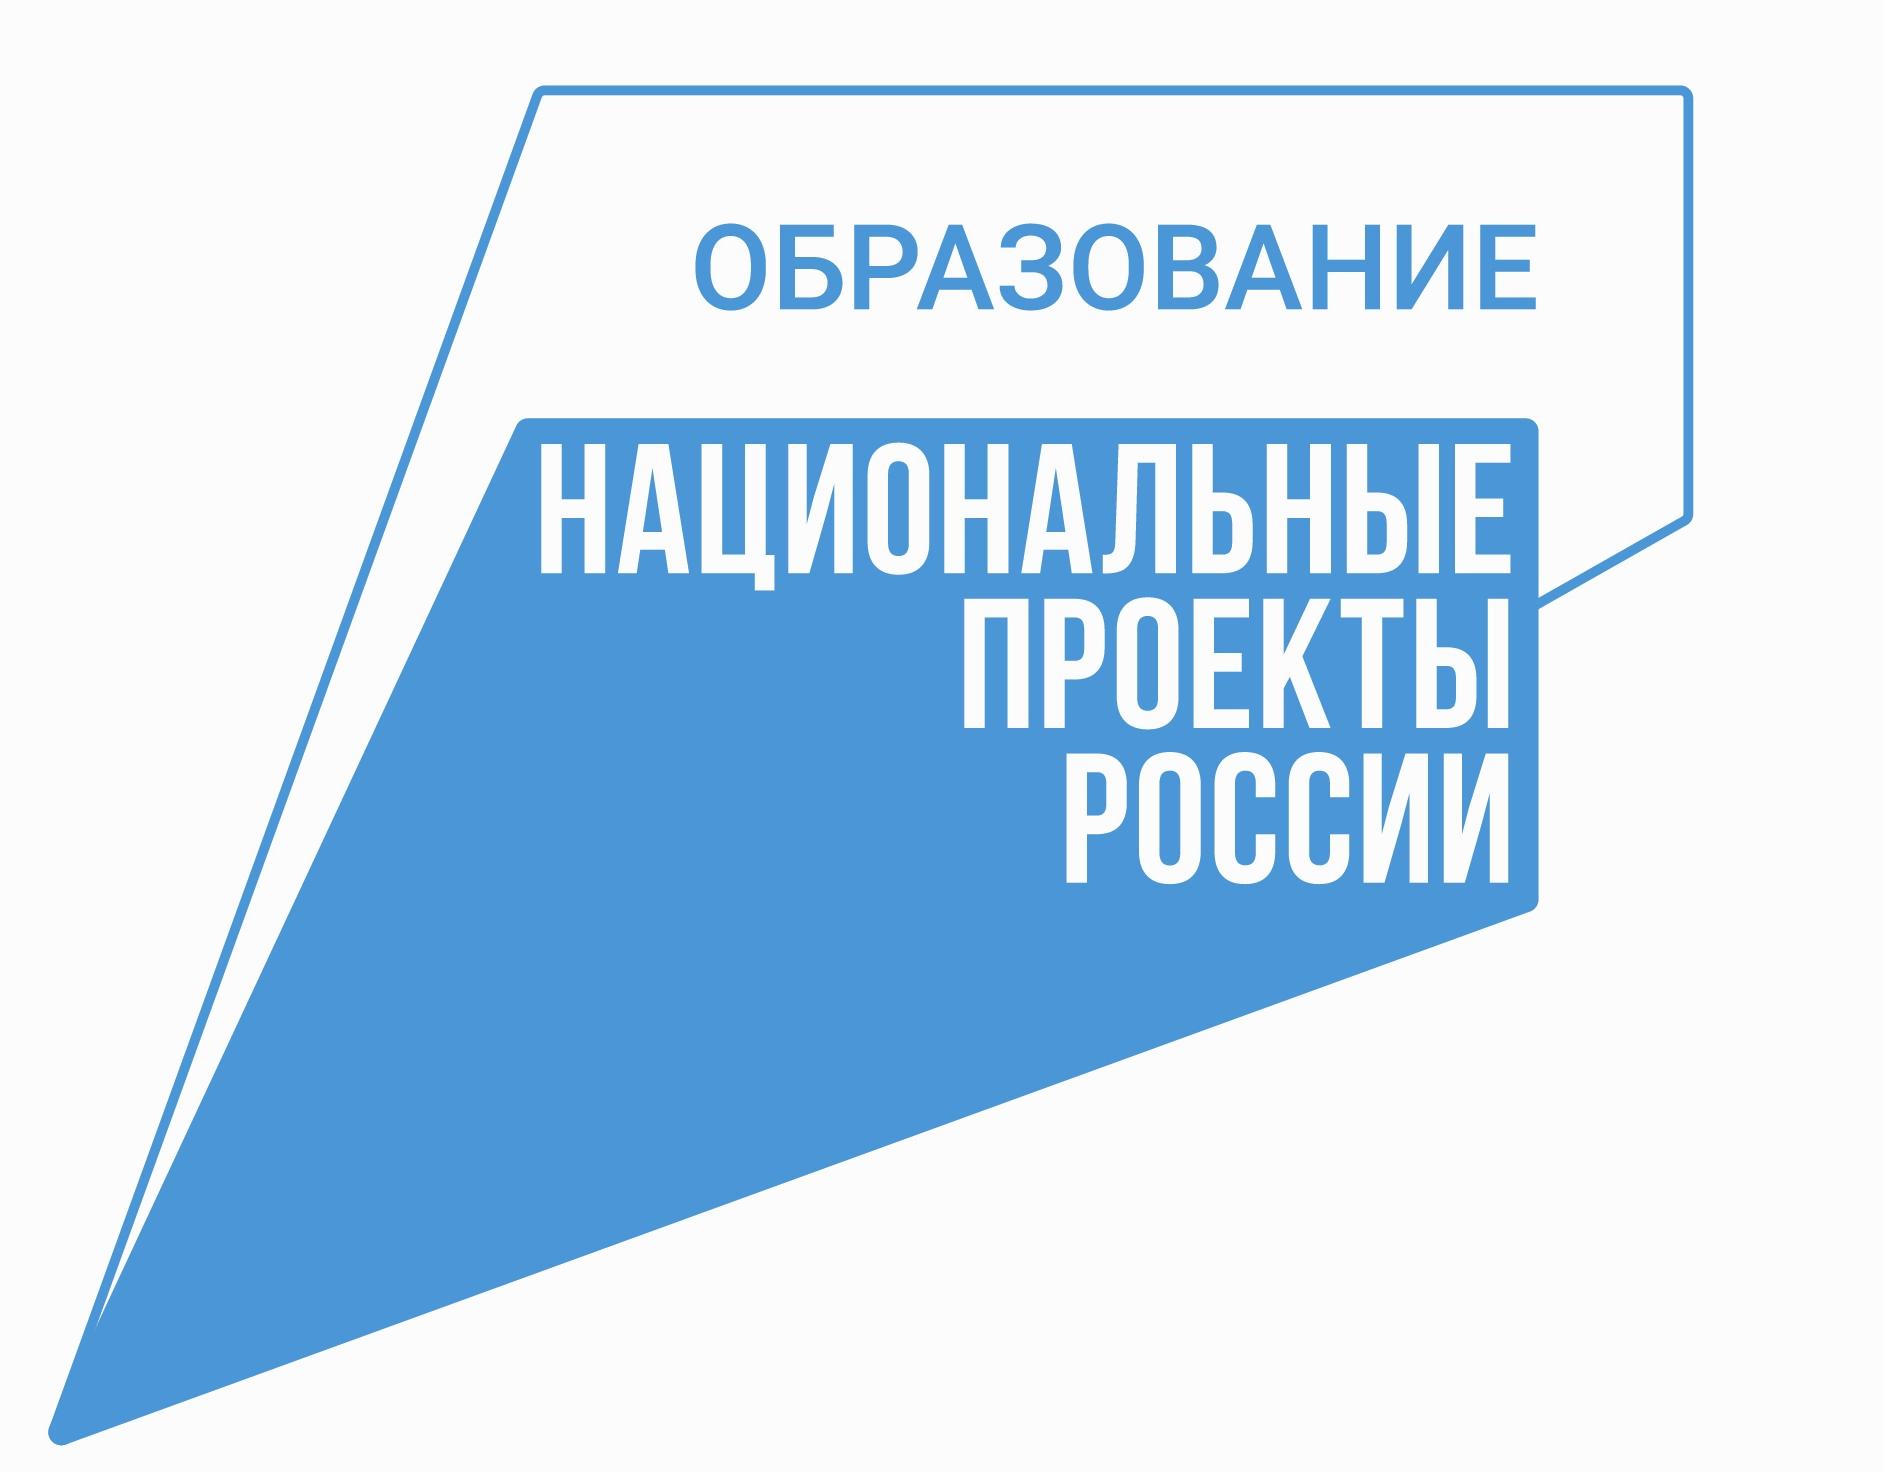 Национальные проекты России_ образование.